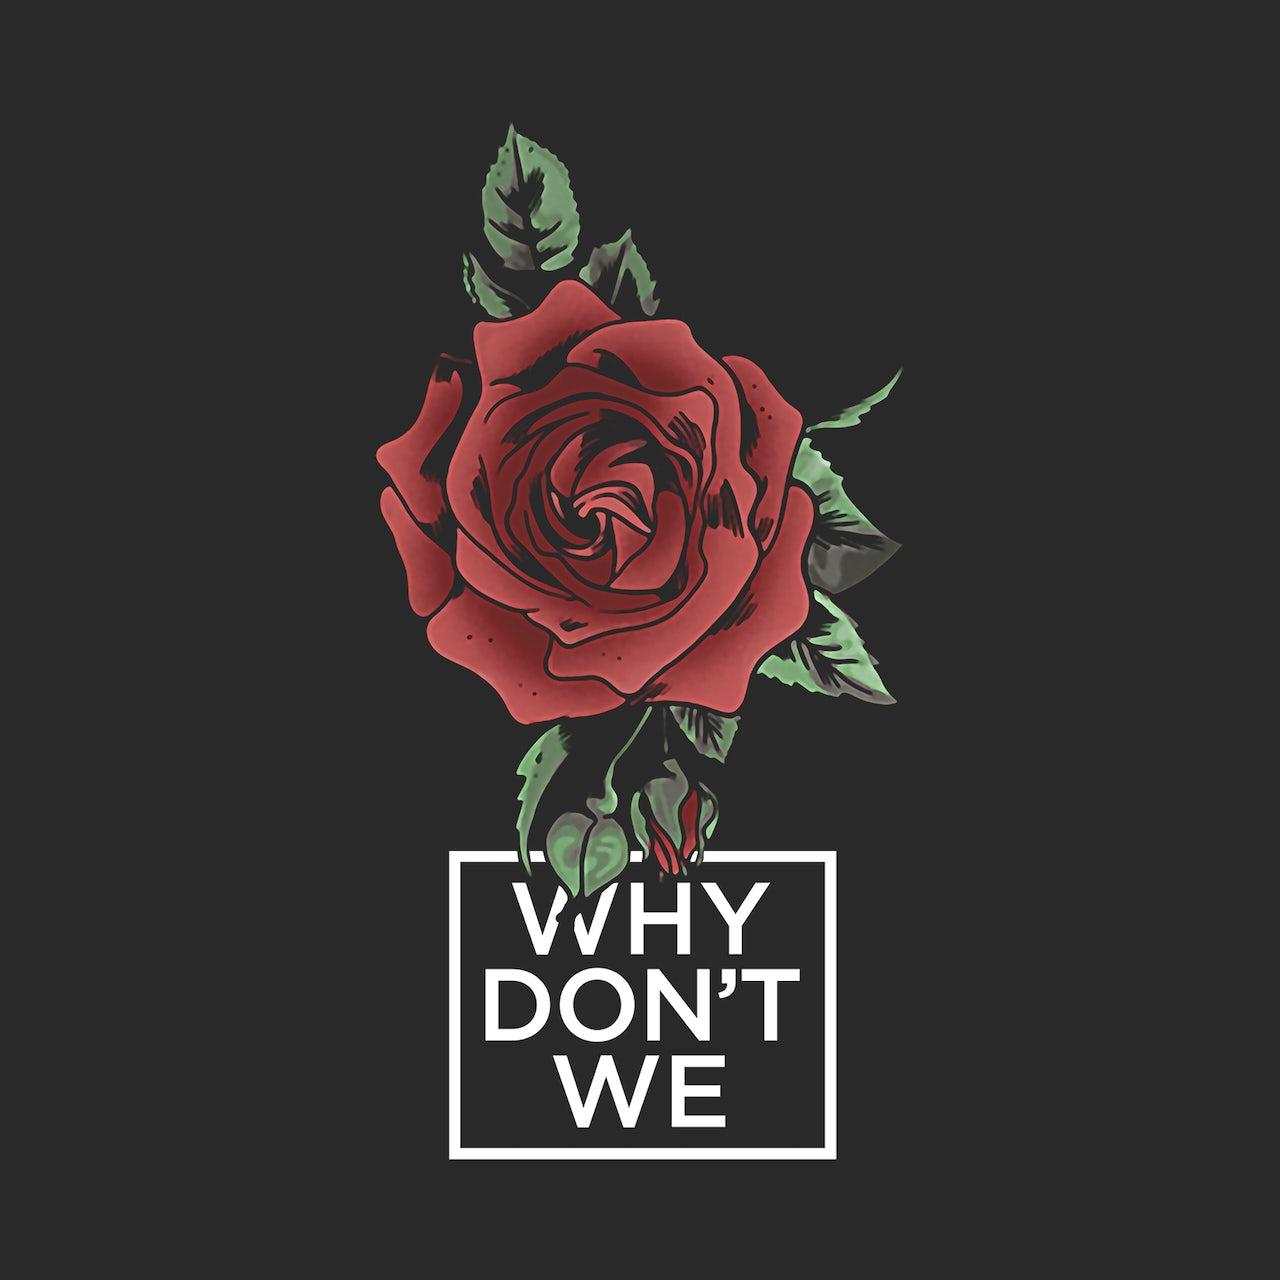 Why Don't We Rose Logo Shirt